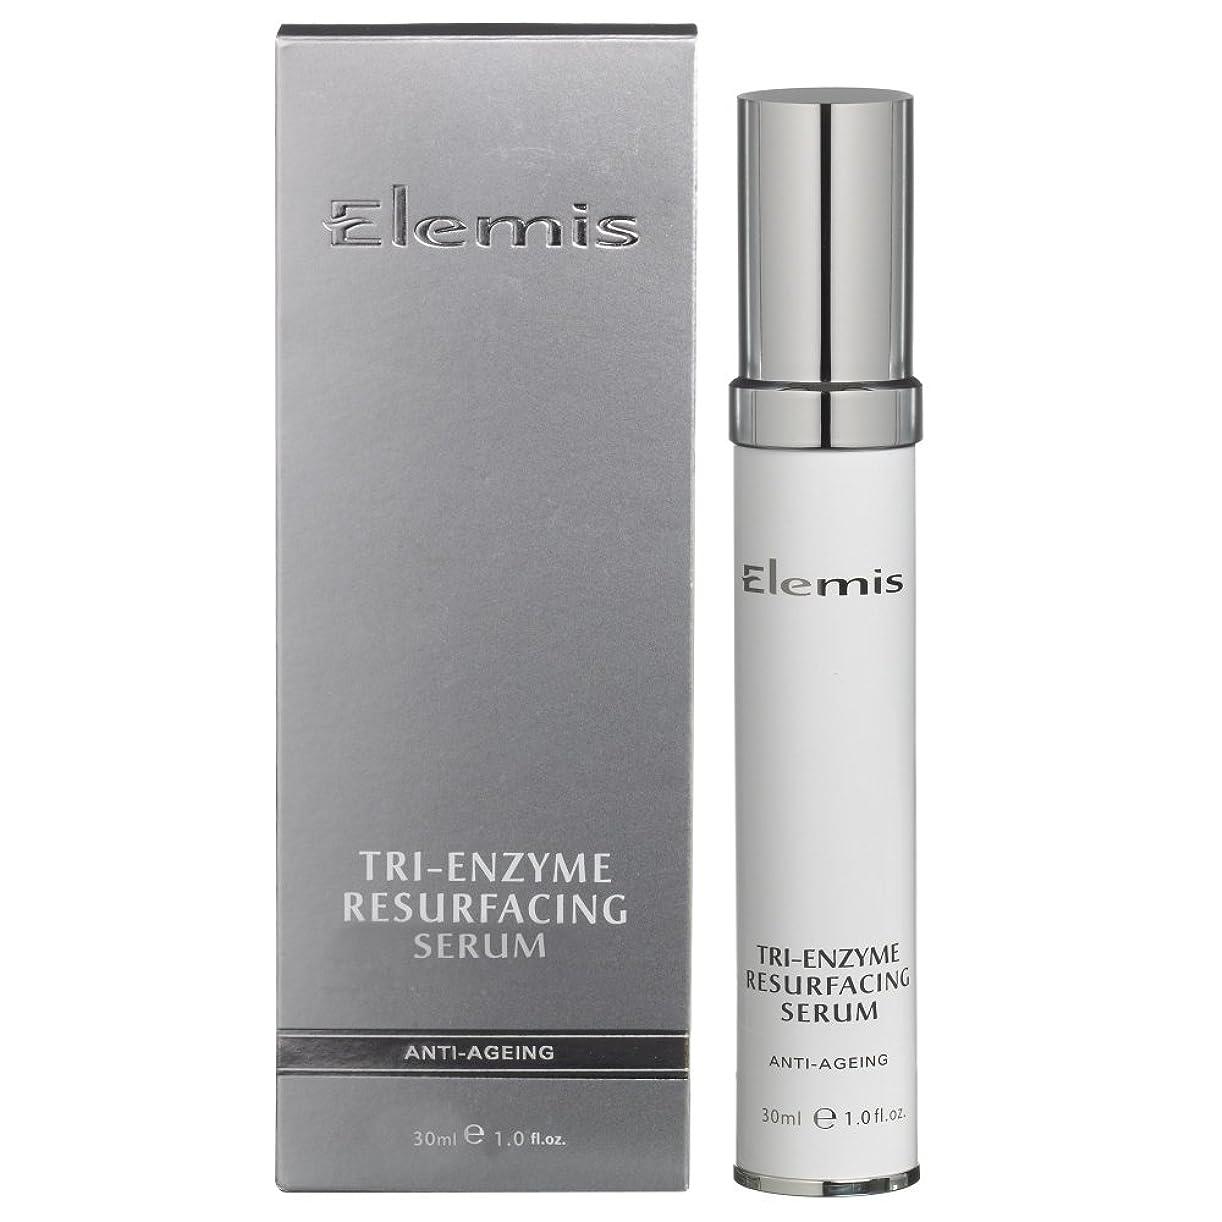 熟達アラバマ標準エレミストライ酵素リサーフェシング血清 (Elemis) - Elemis Tri-Enzyme Resurfacing Serum [並行輸入品]